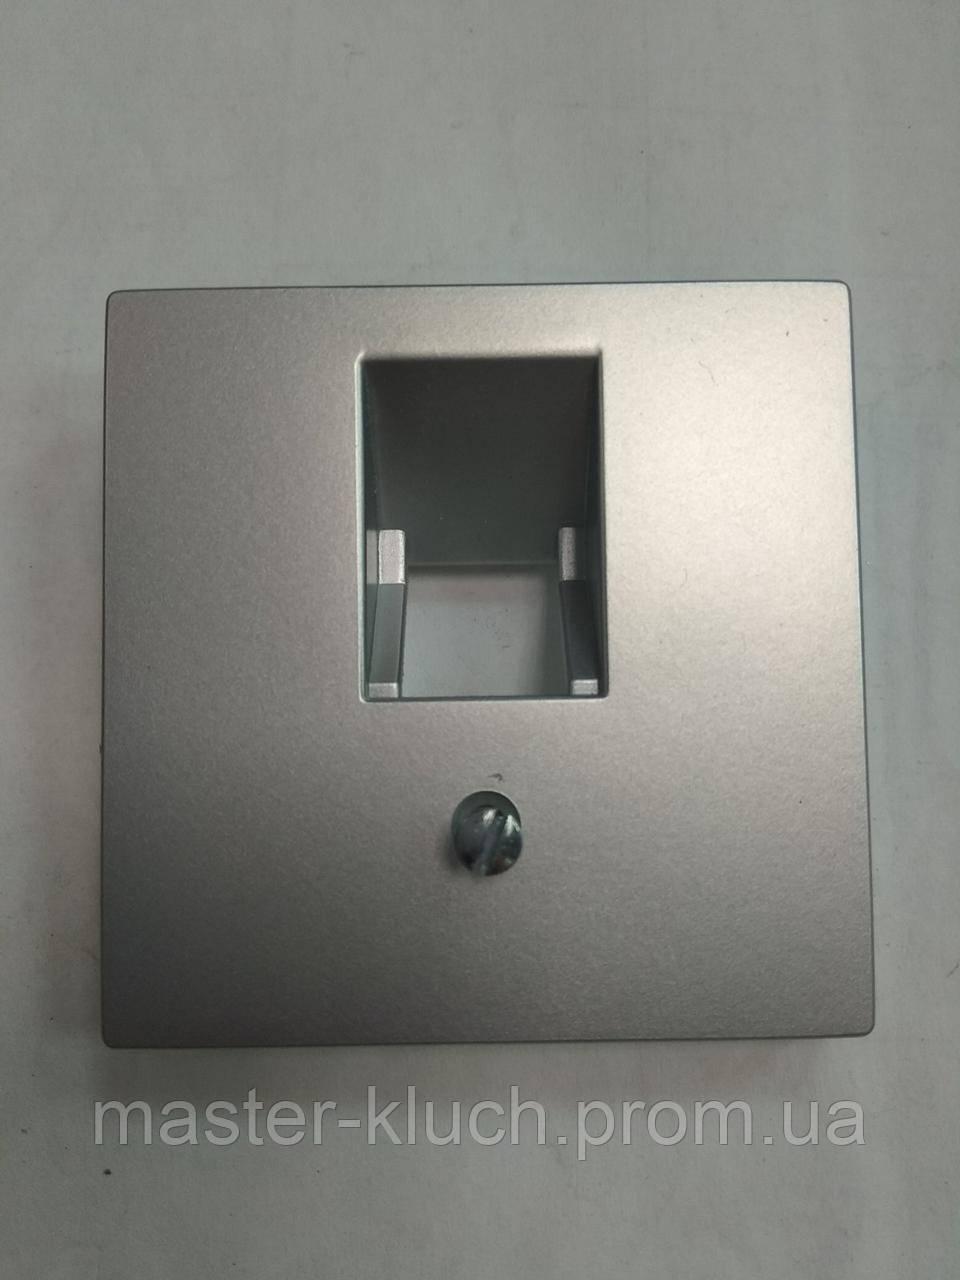 Розетка компьютерная, телефонная одинарная Jung A 500 накладка